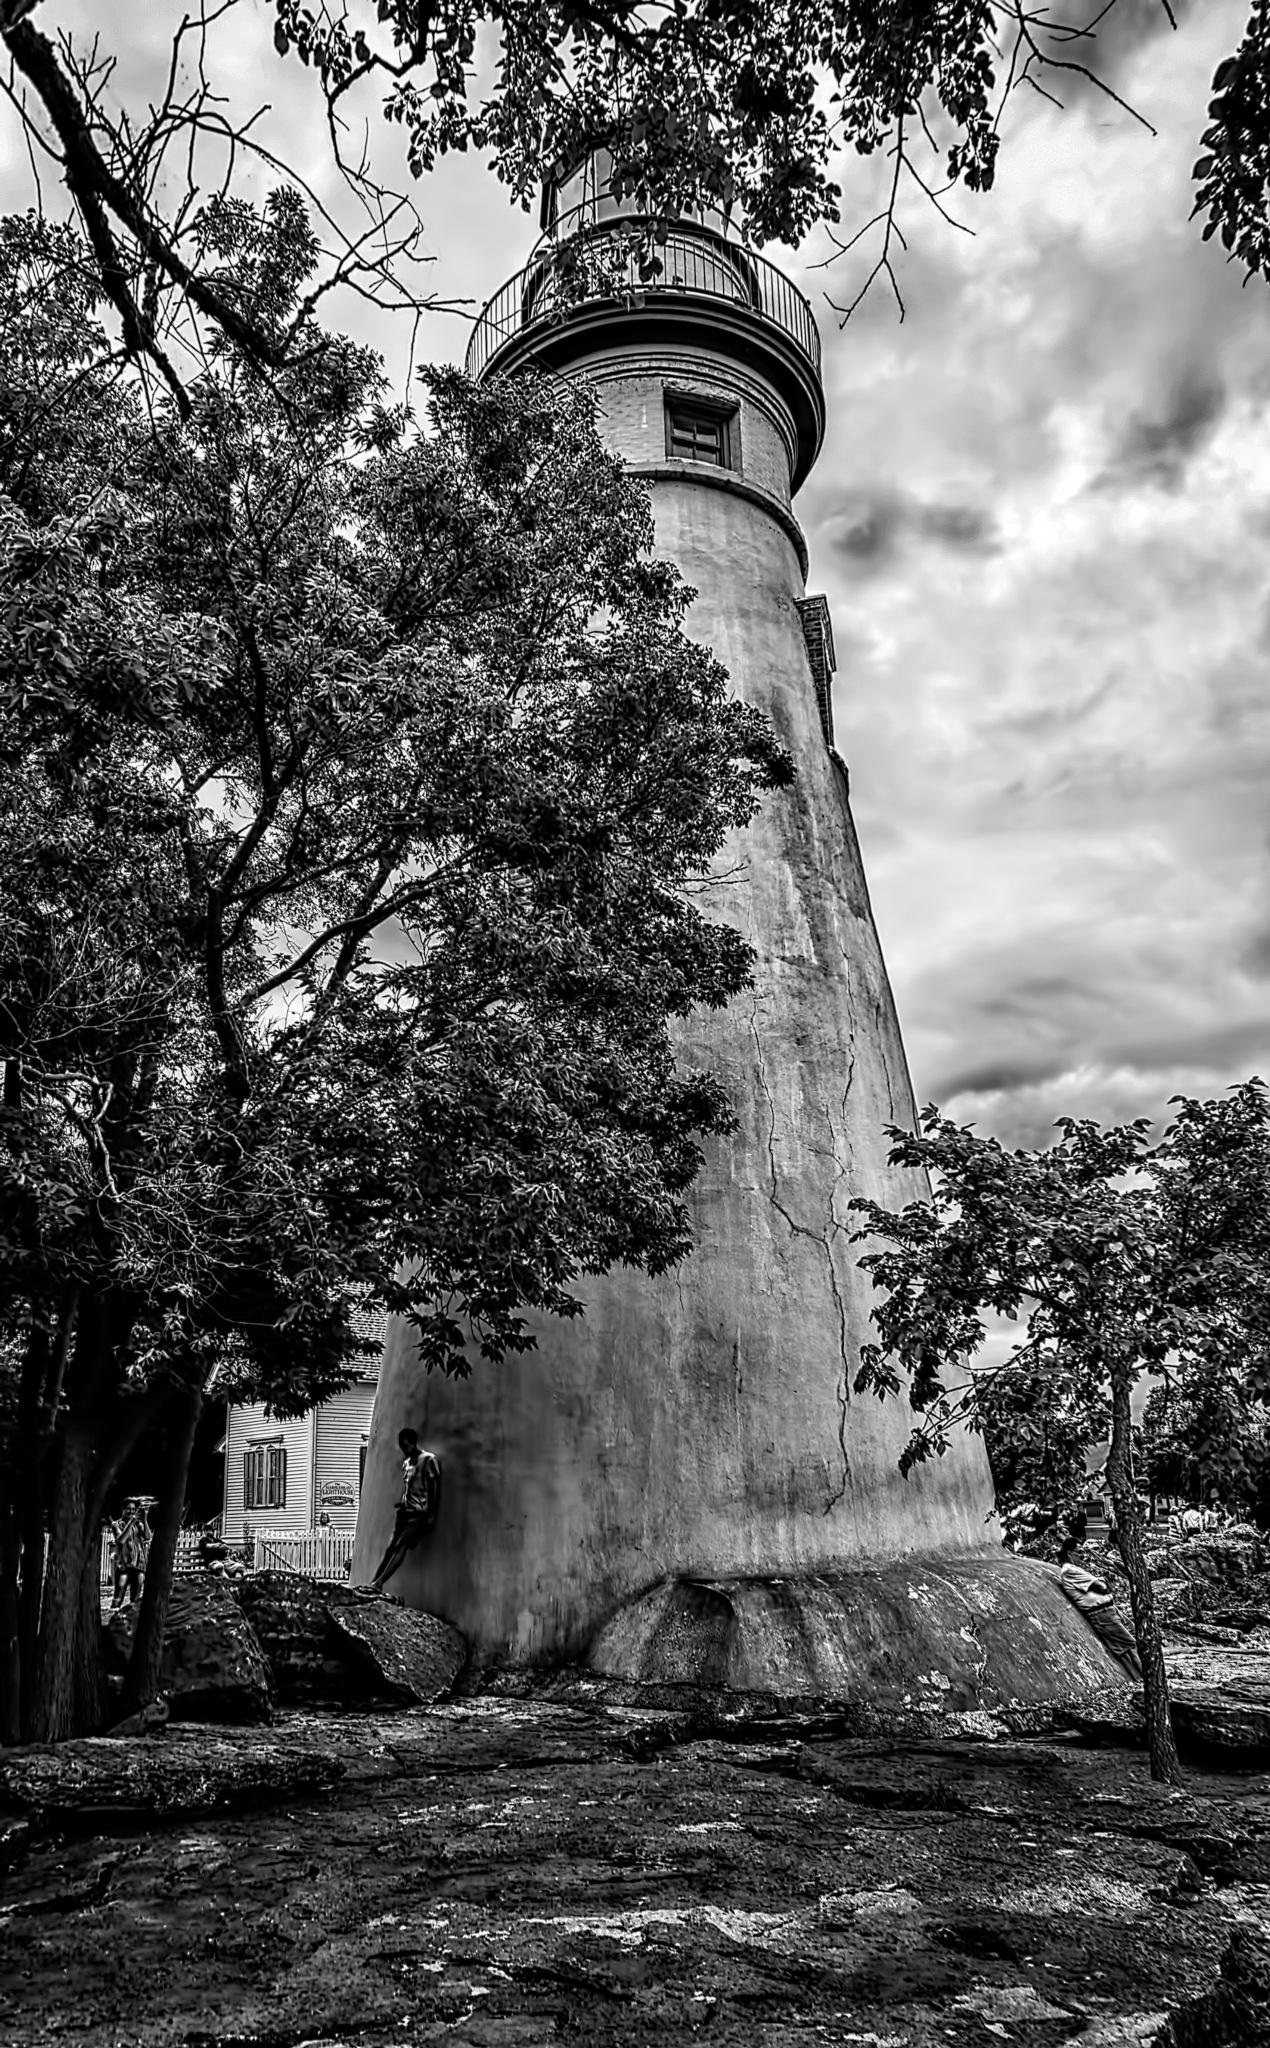 Marblehead Lighthouse by 68steelphotos